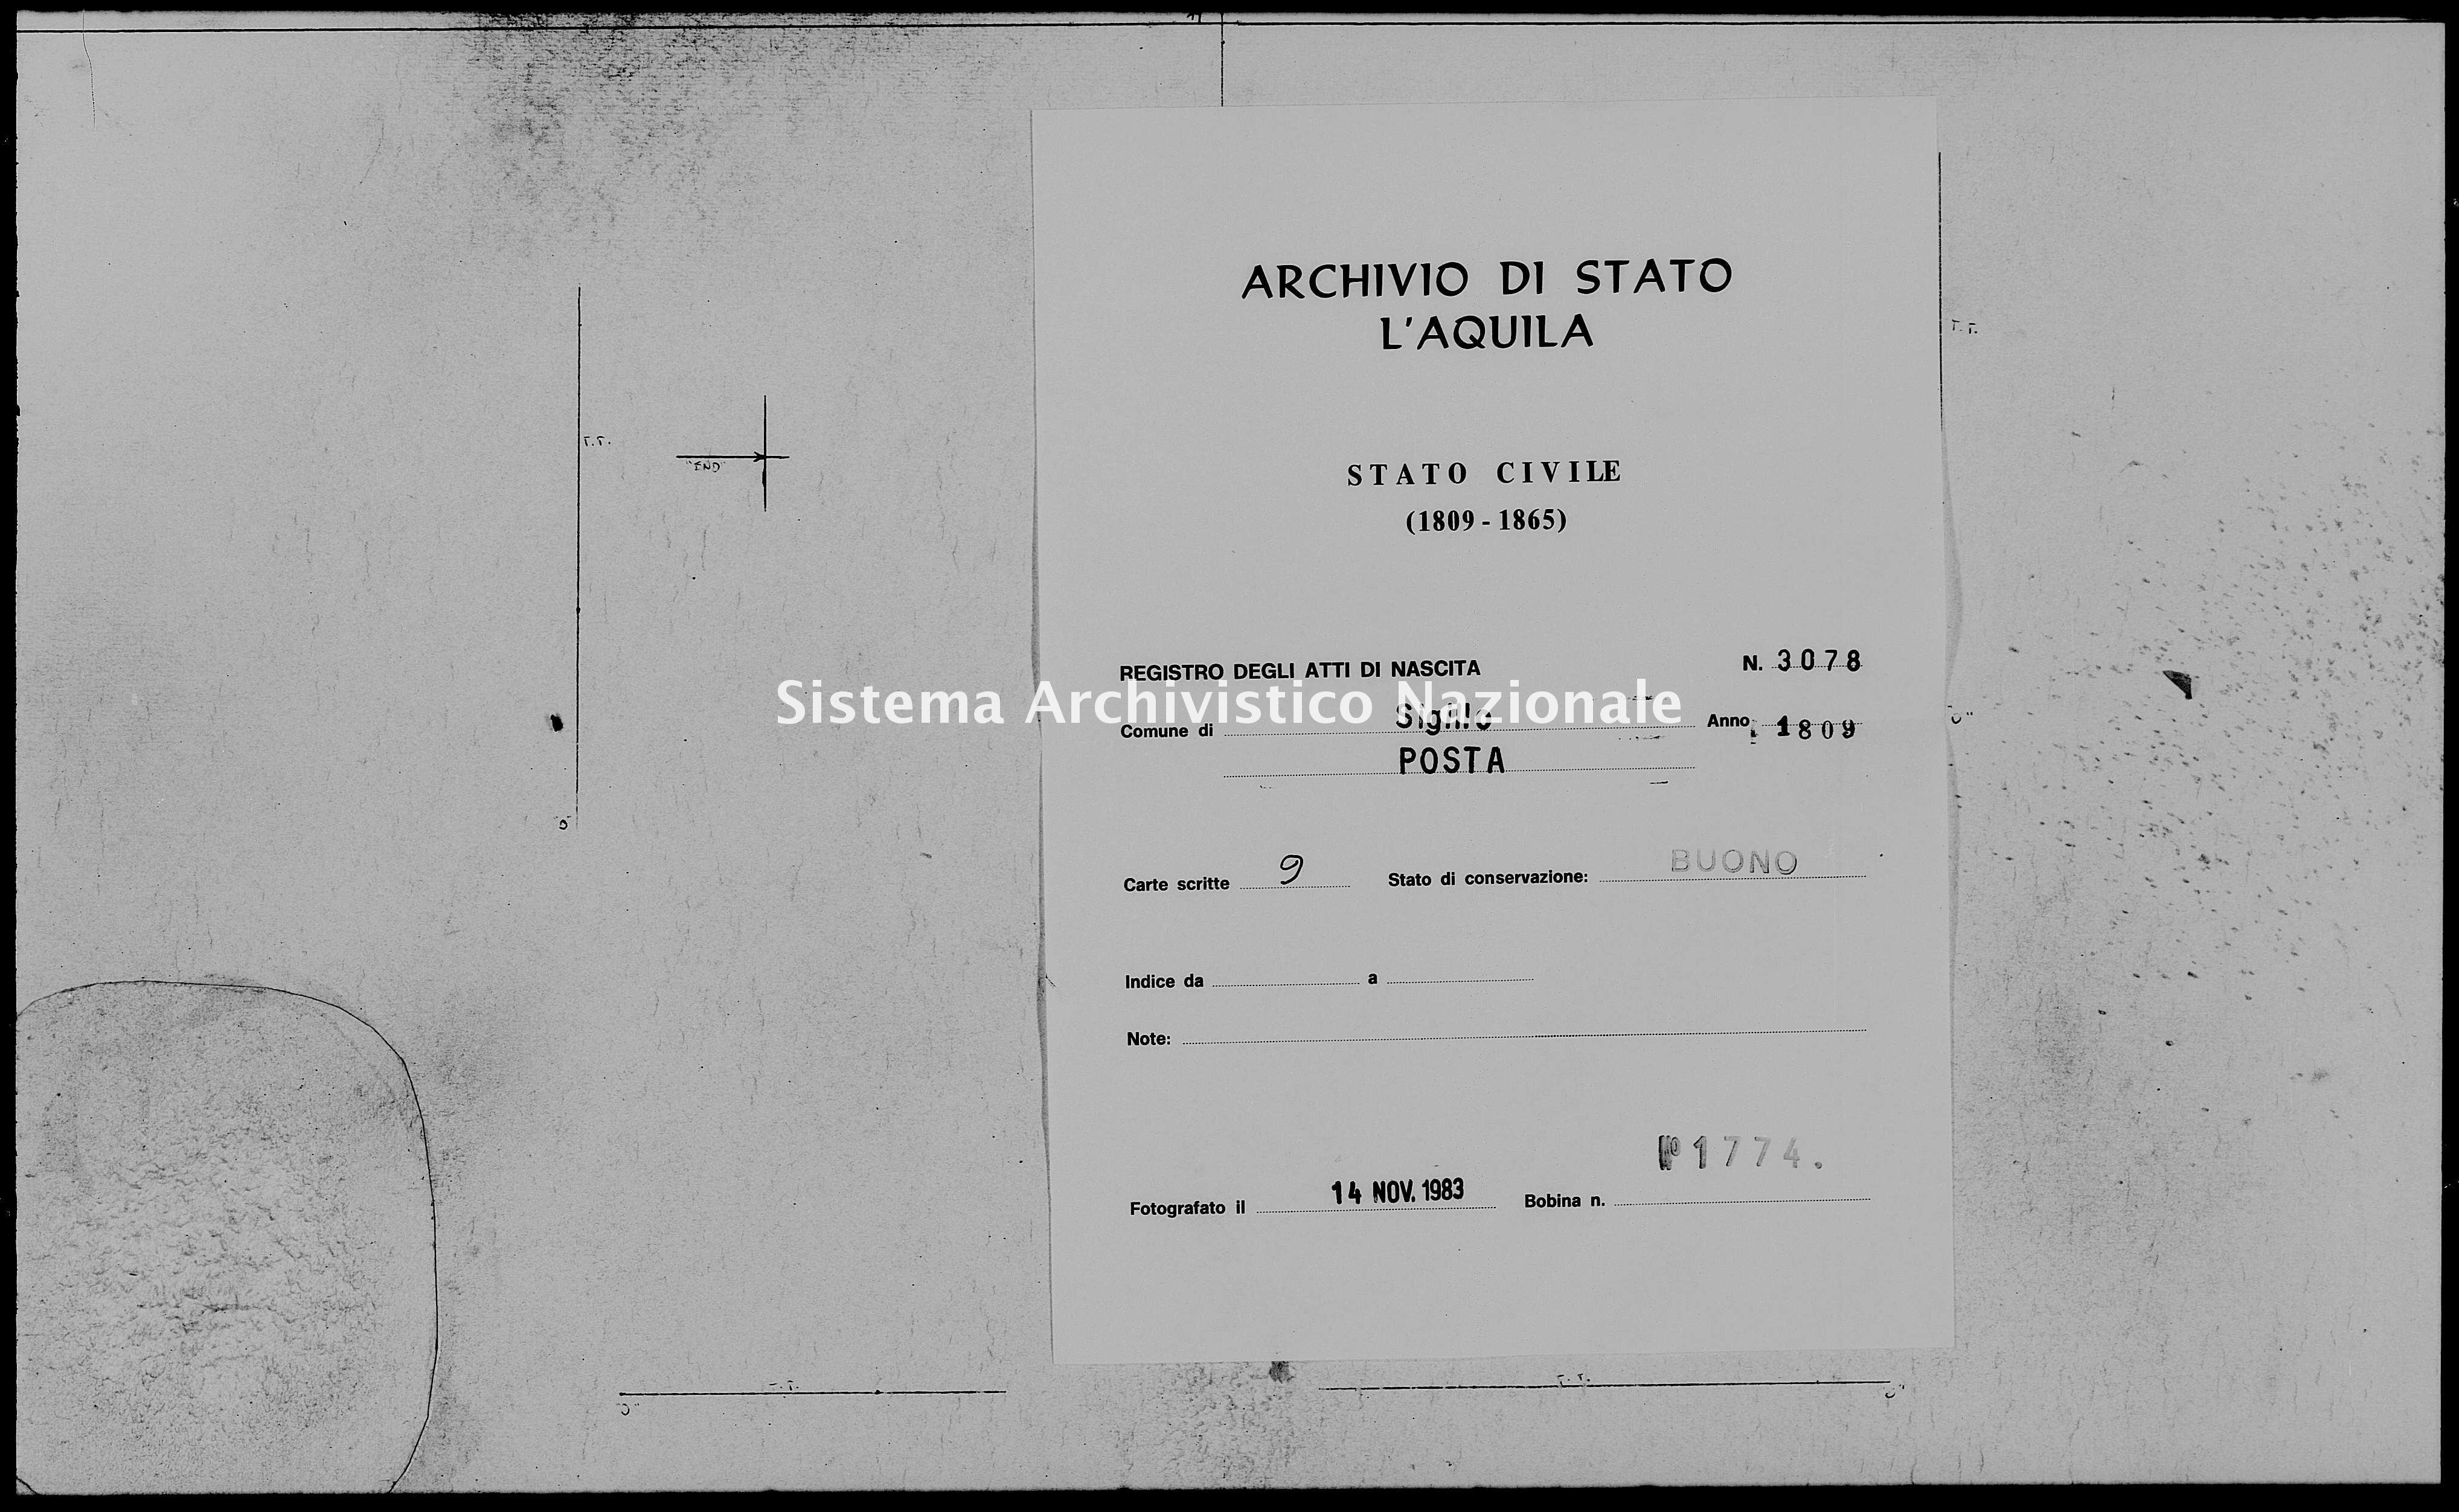 Archivio di stato di L'aquila - Stato civile napoleonico - Sigillo - Nati - 1809 - 3078 -